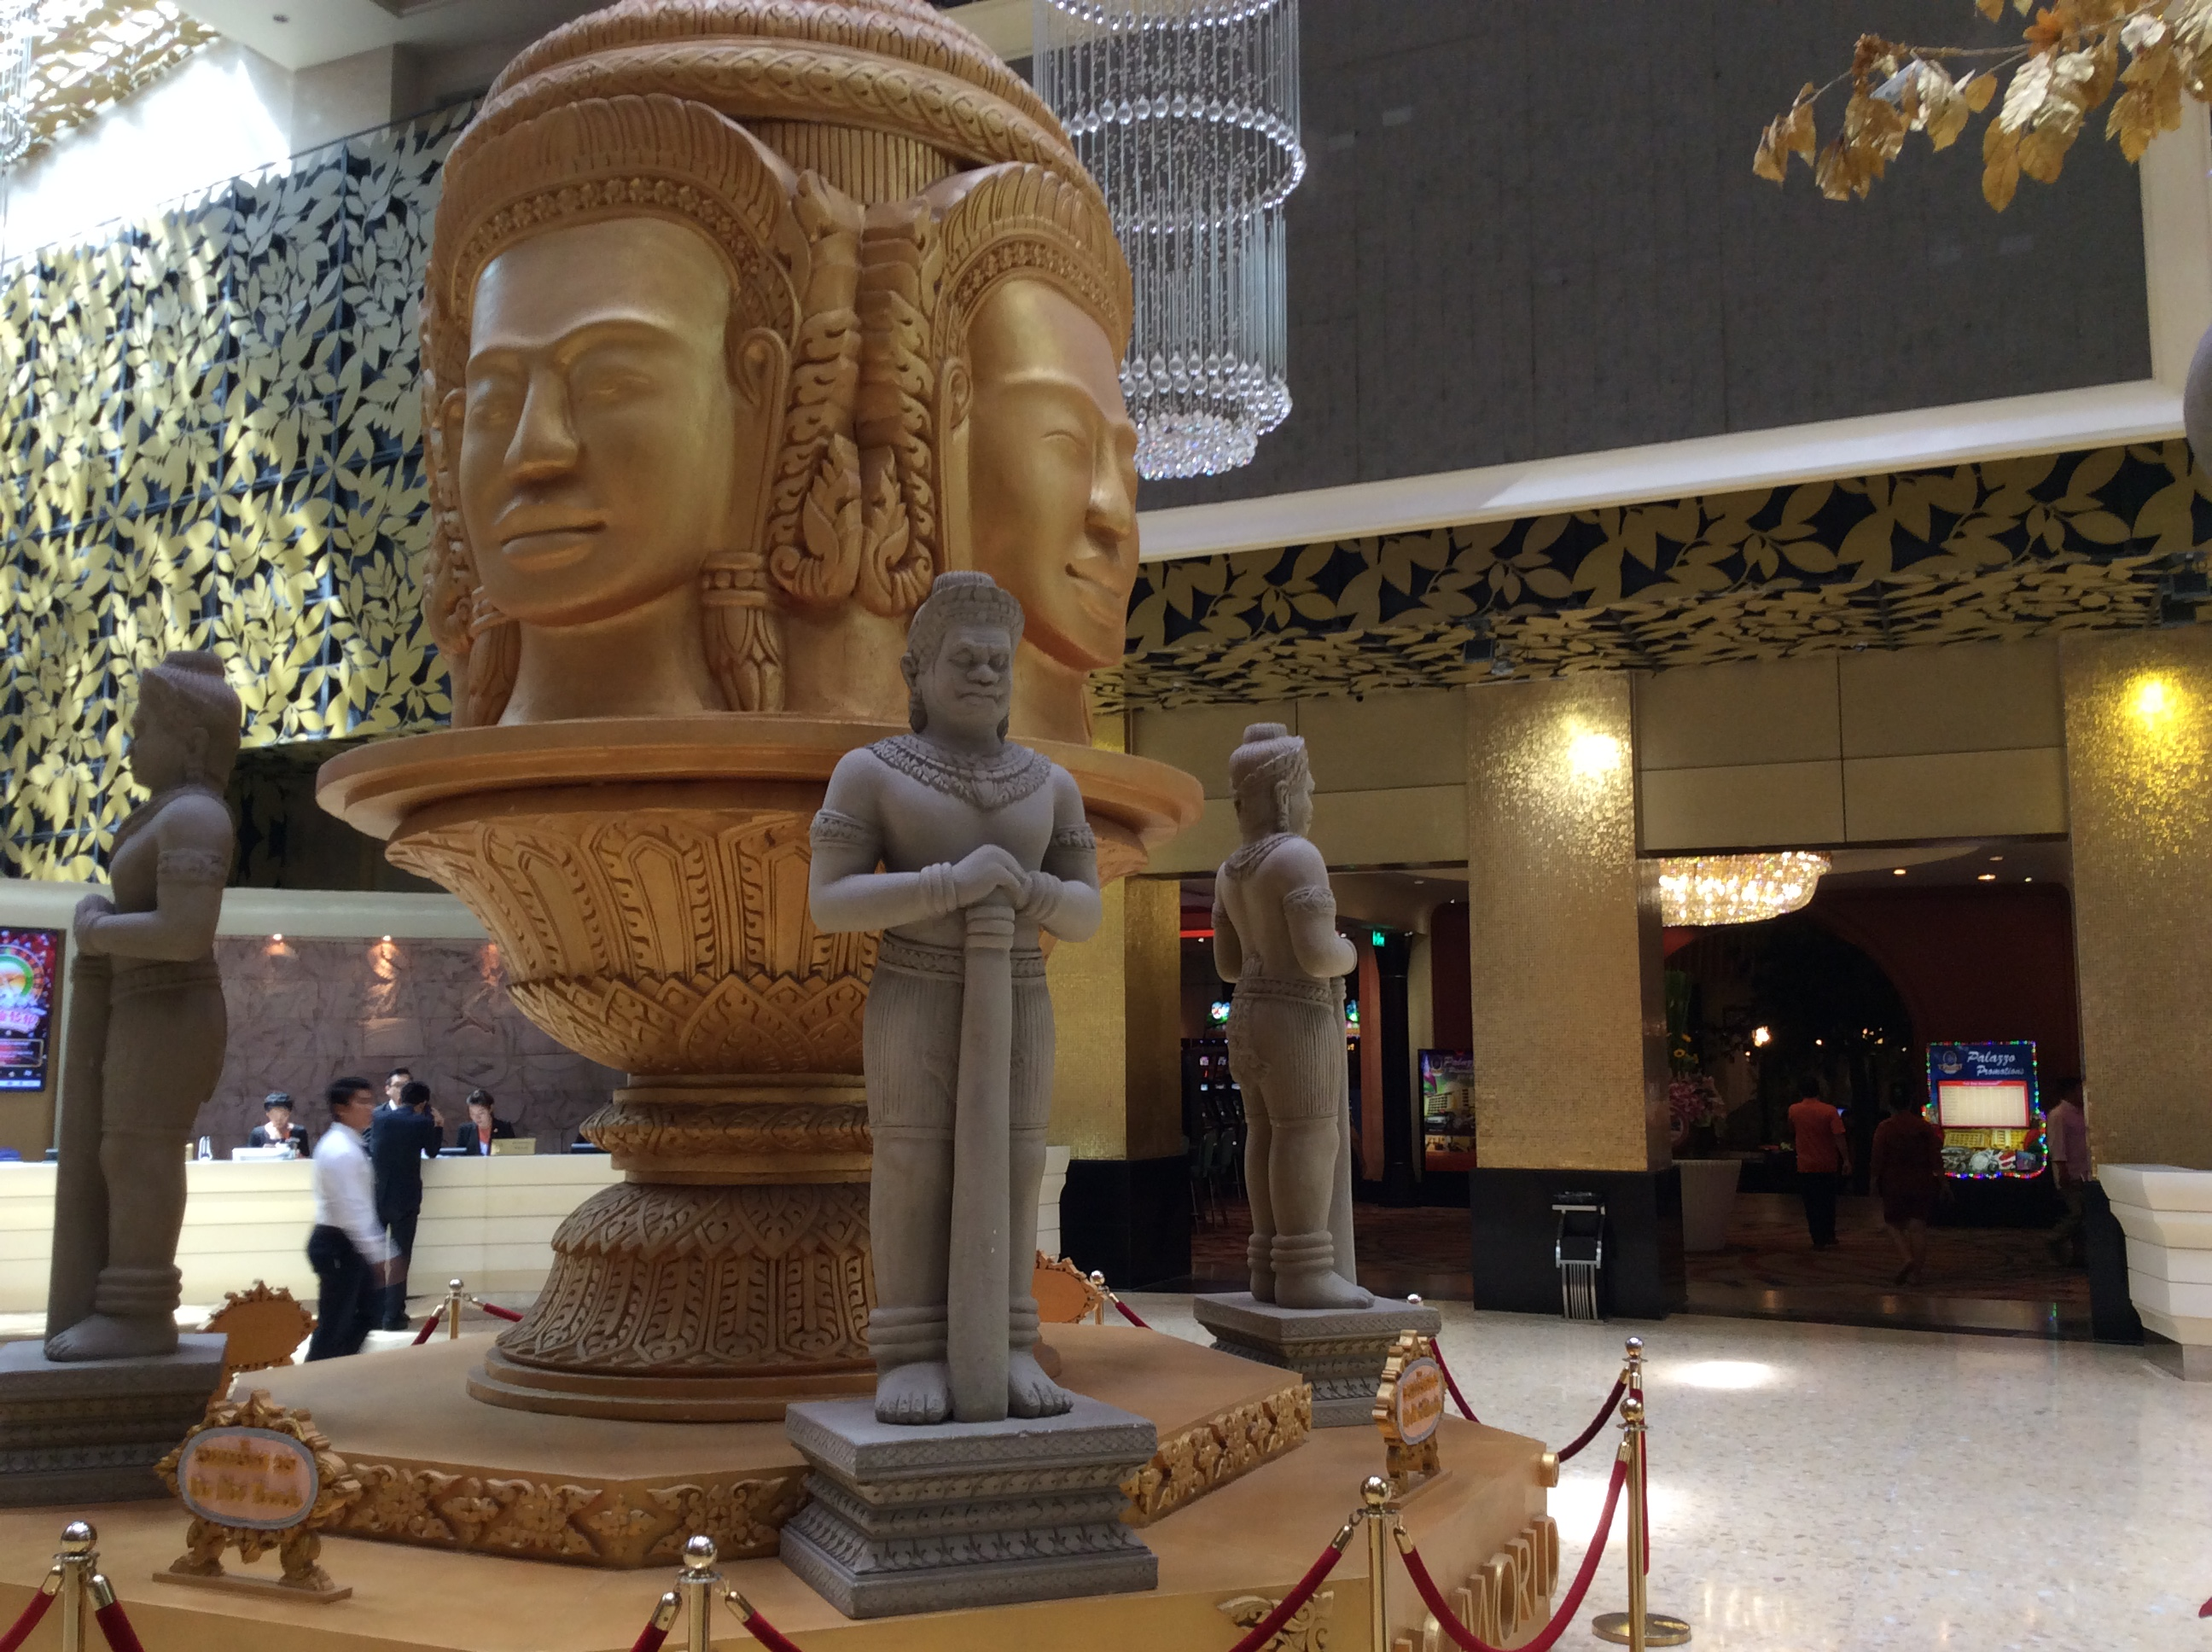 カンボジア飯のタネ探しツアー(1)